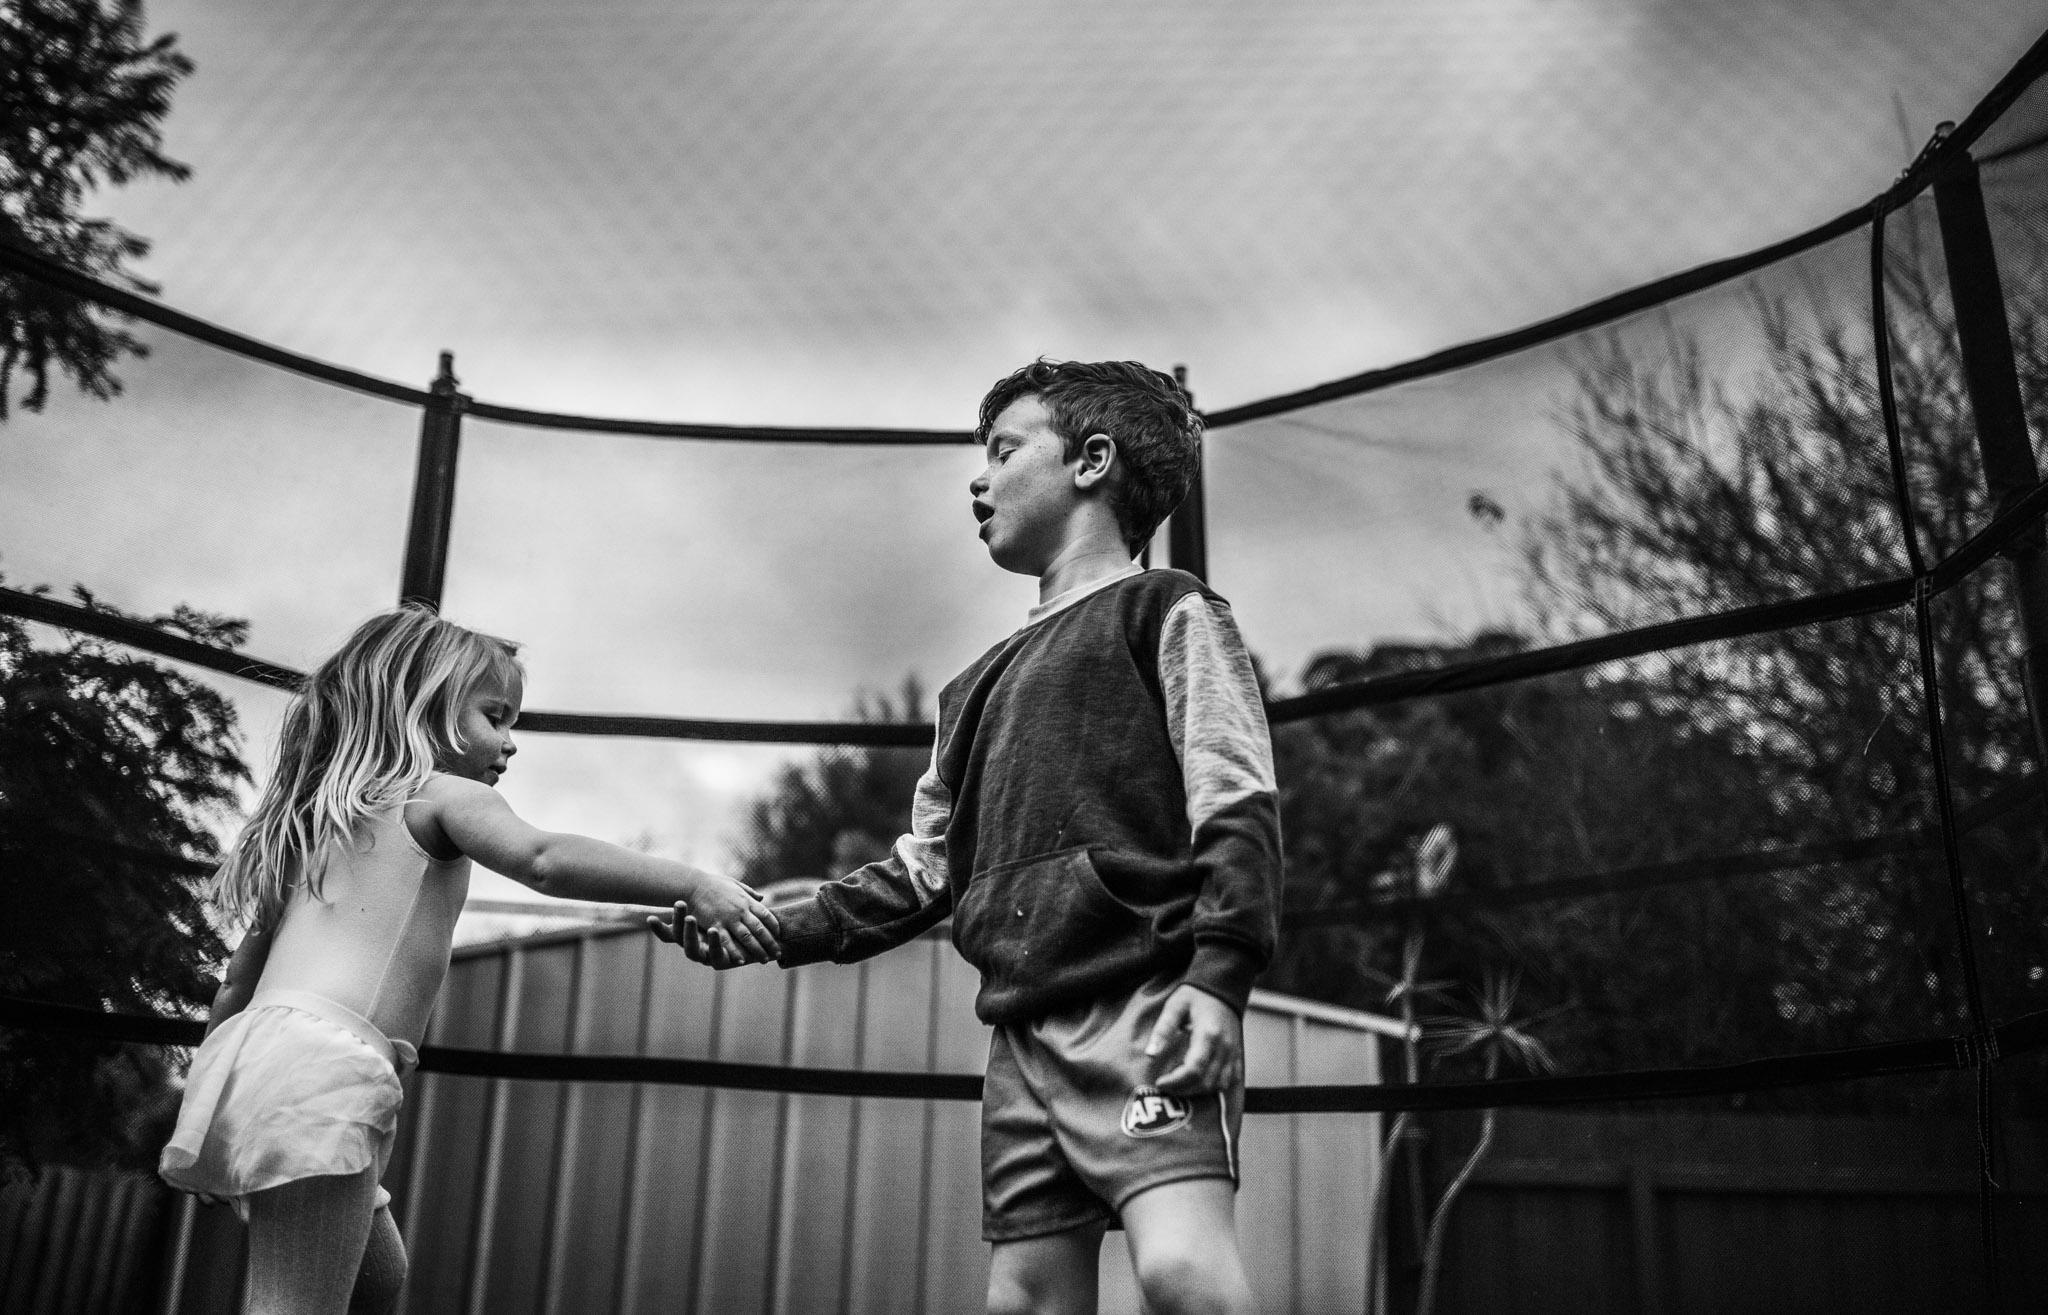 Two children on trampoline.